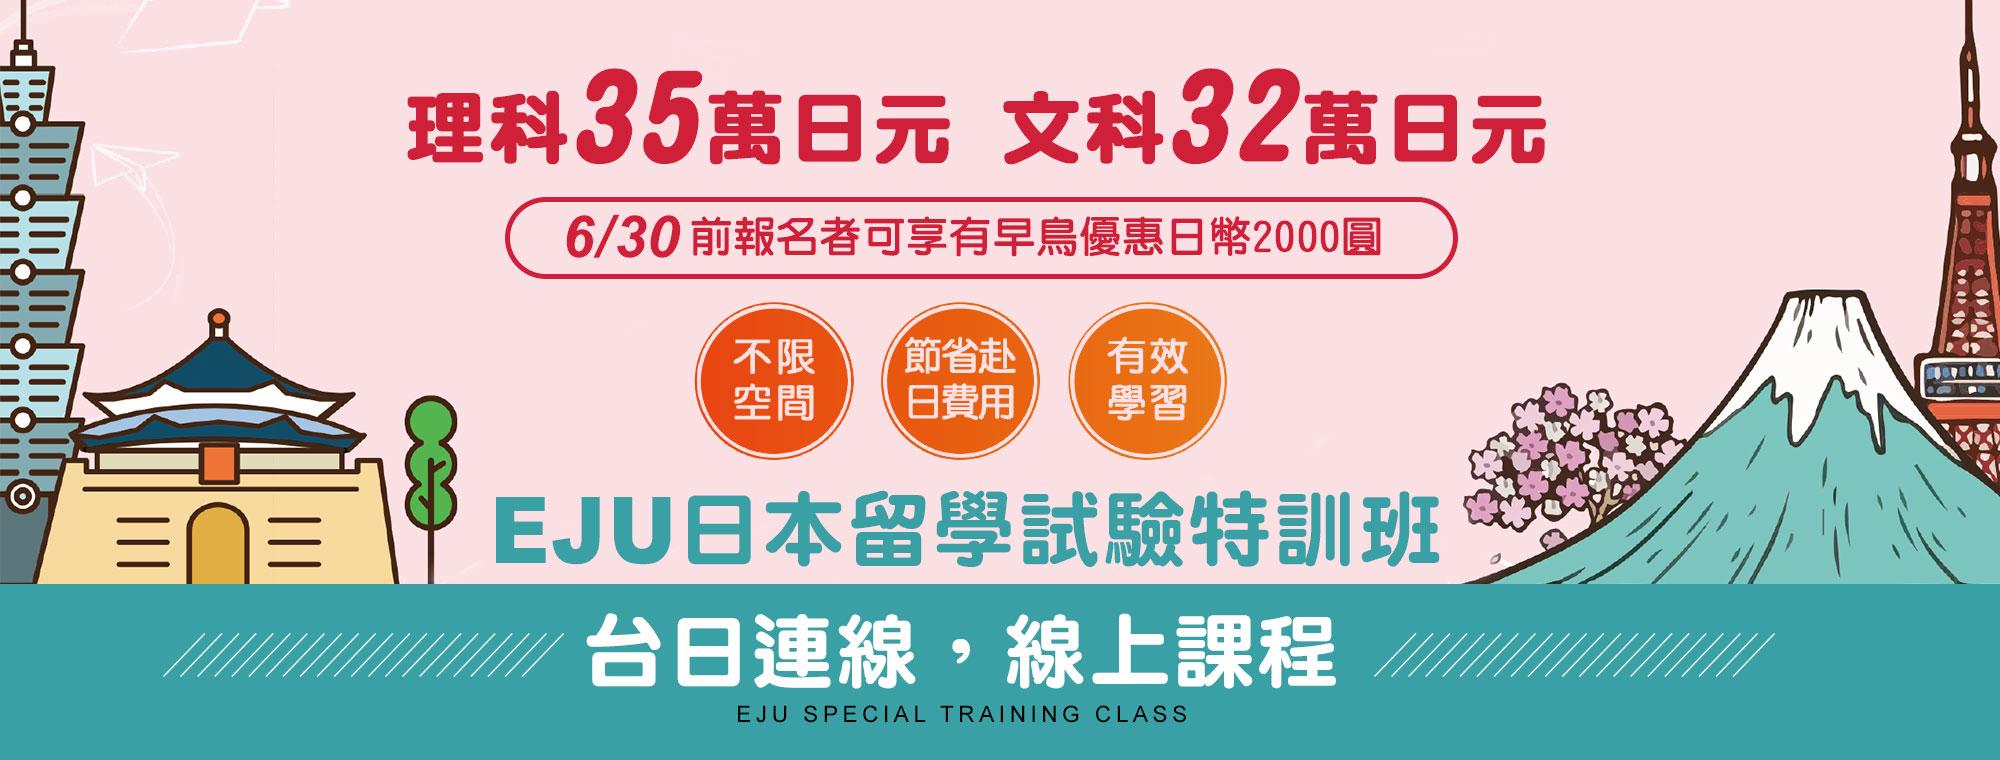 EJU日本留學試驗特訓班-台日連線,線上課程